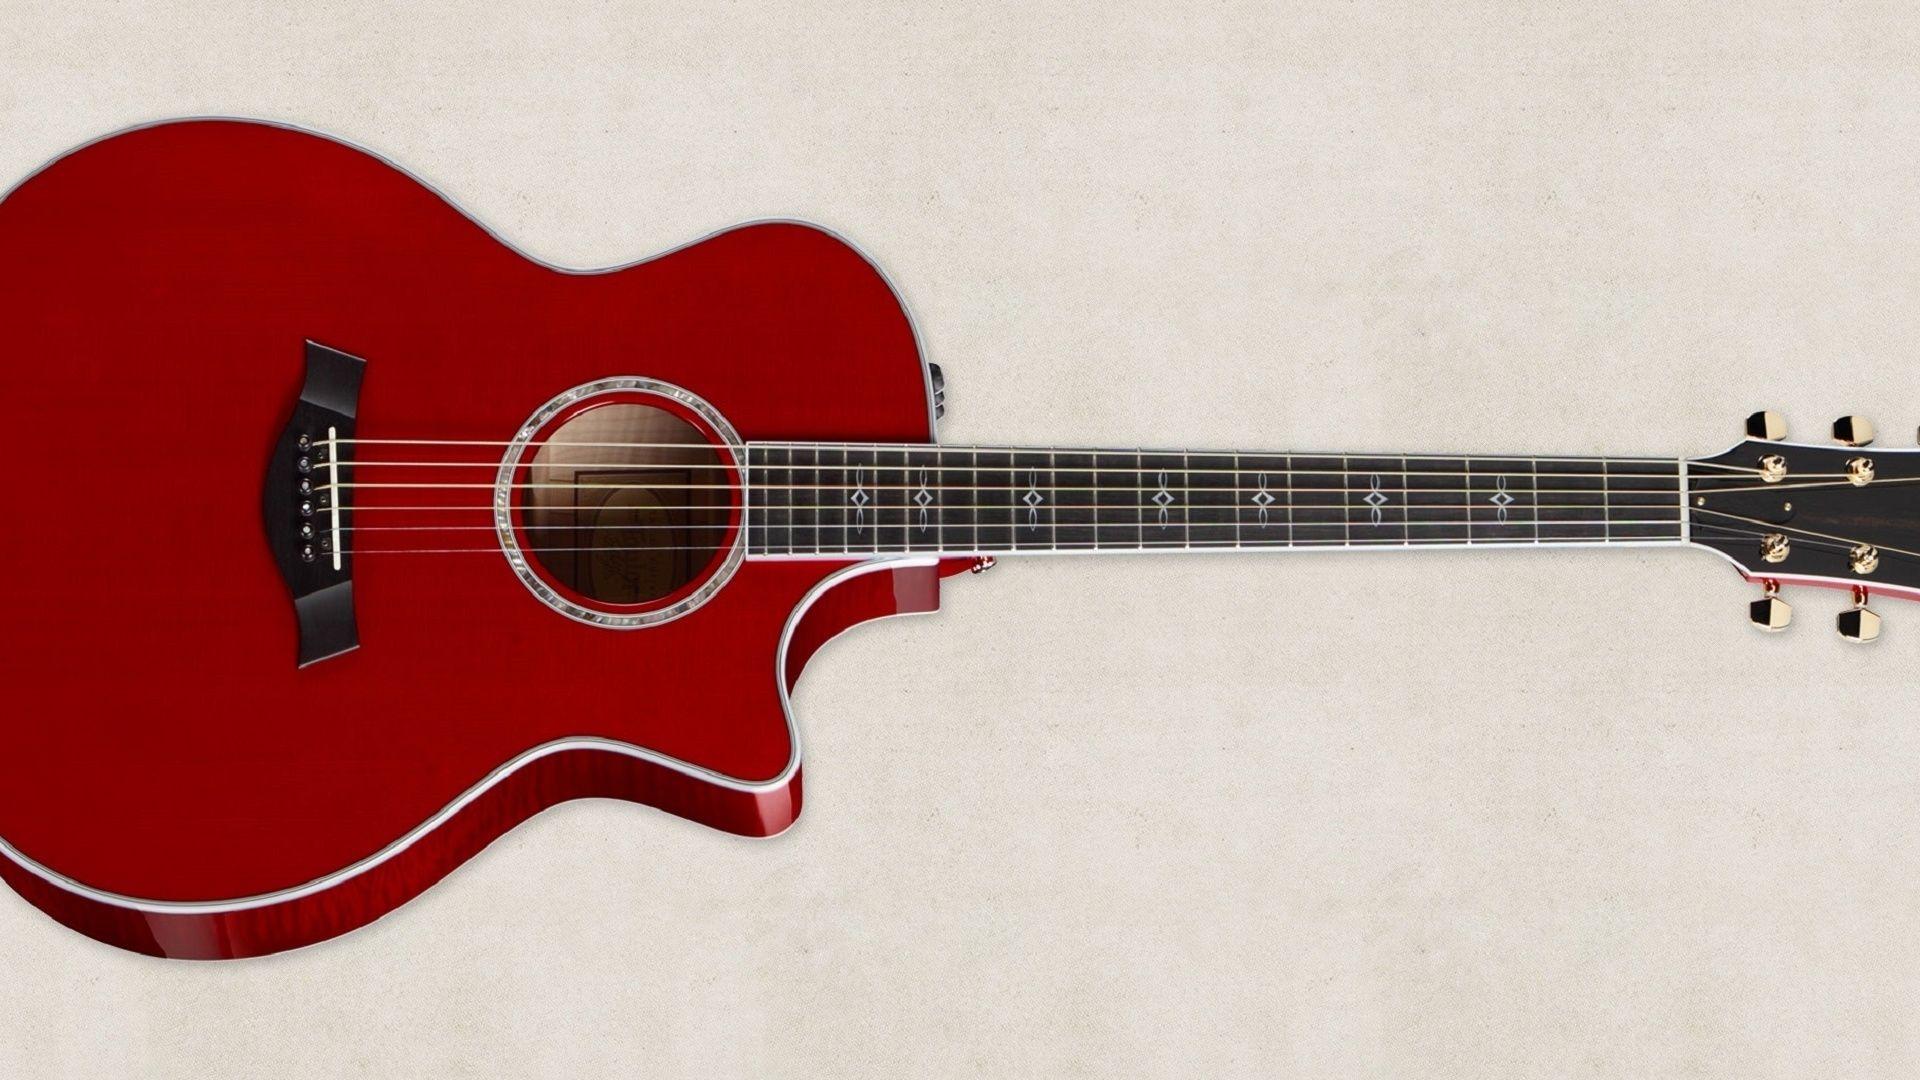 Acoustic Guitar Red, Desktop Wallpaper